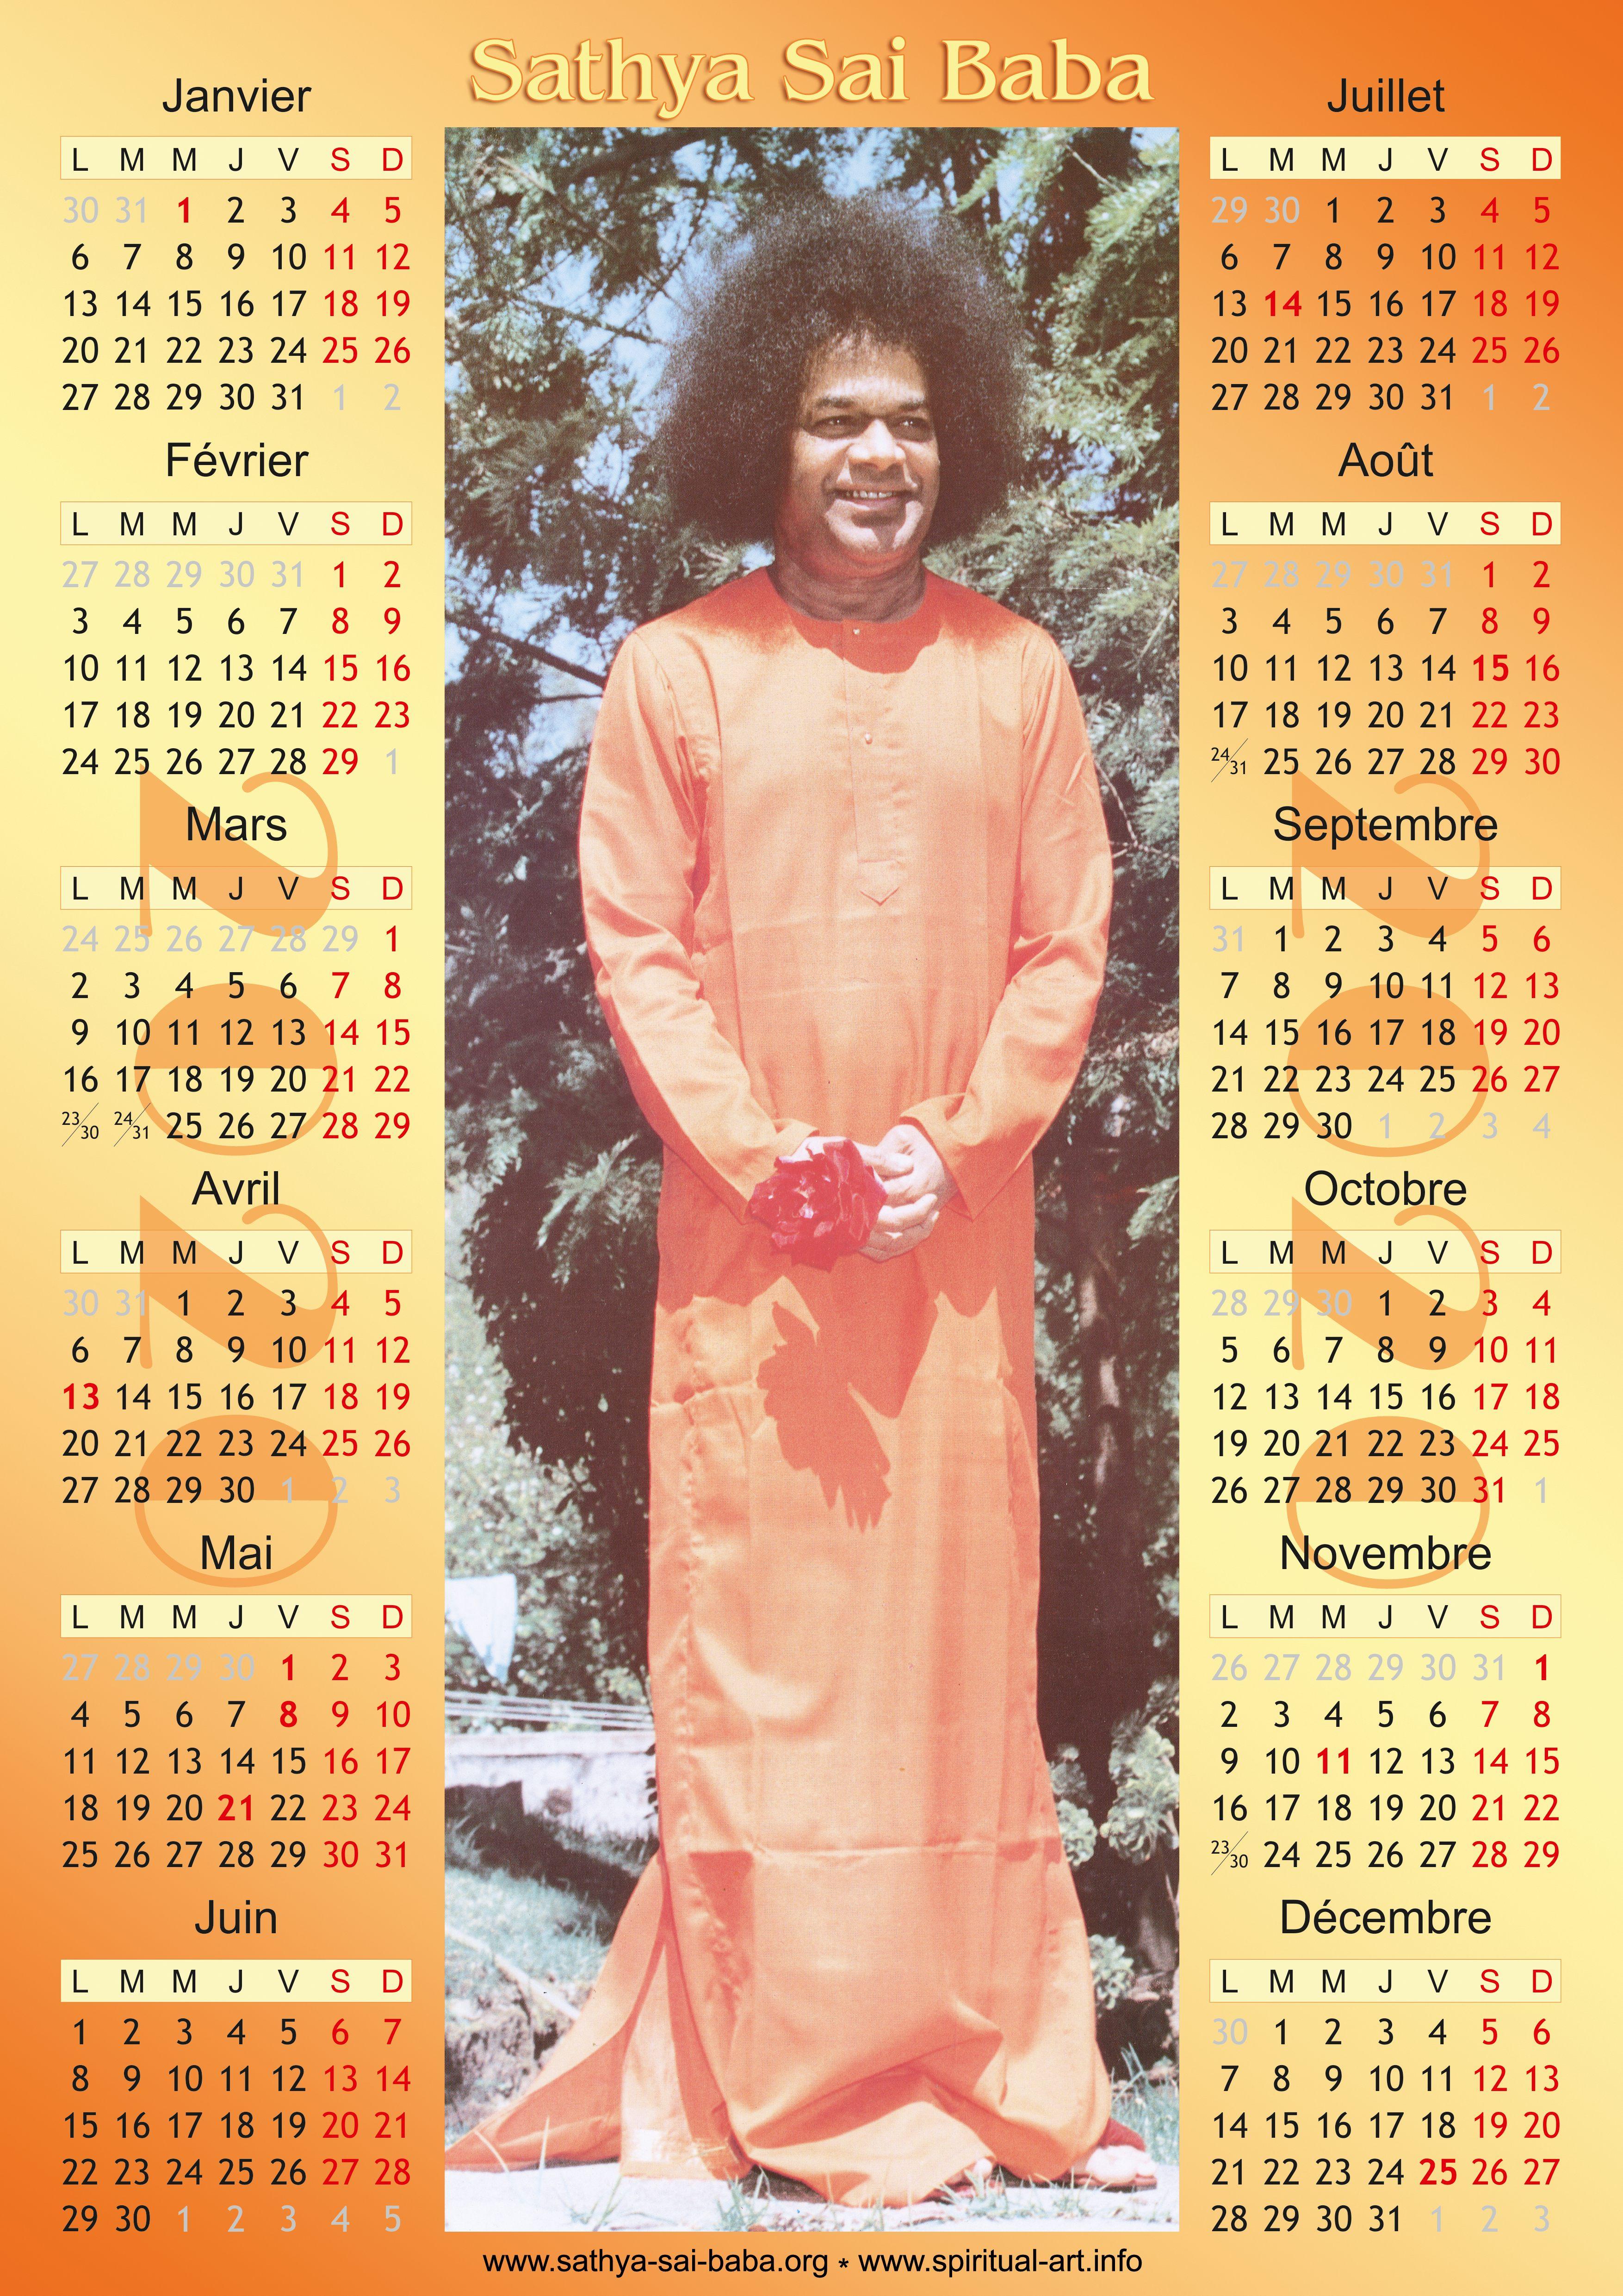 Бабы в календаре